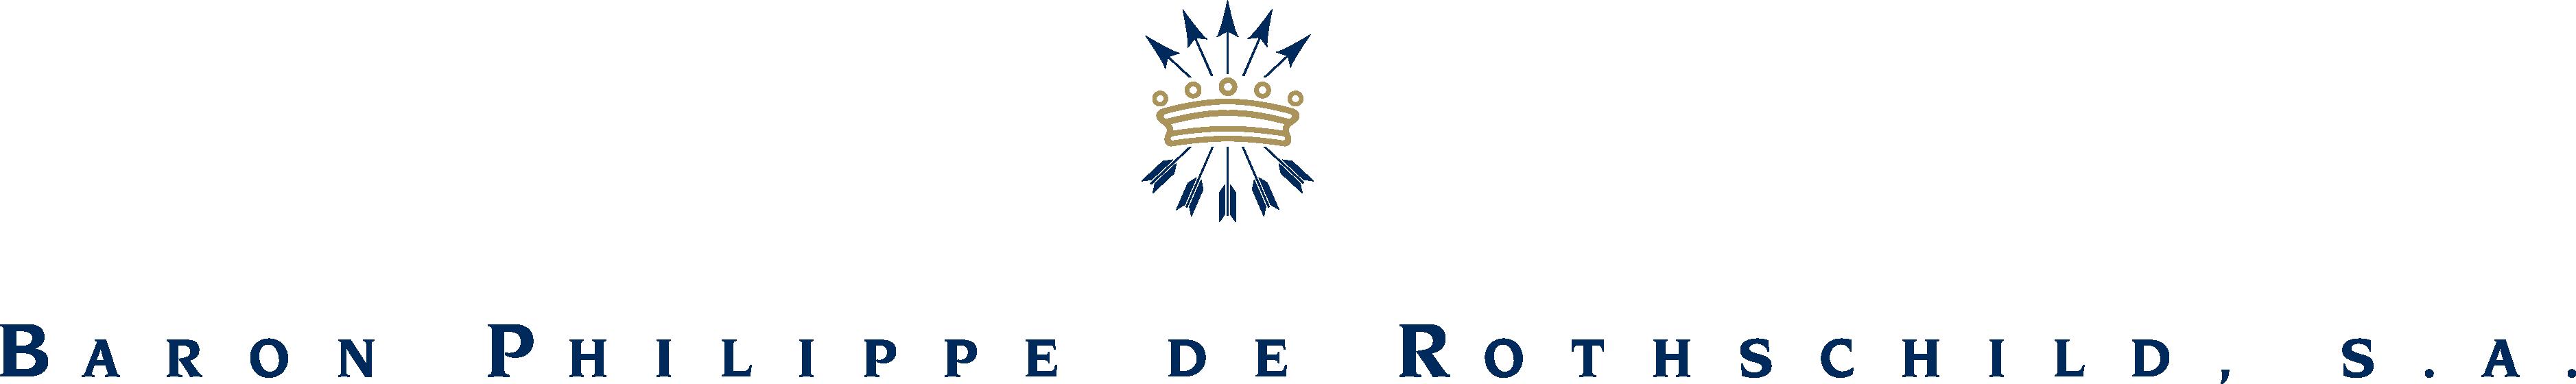 Baron Philipe De Rothschild-Domaine